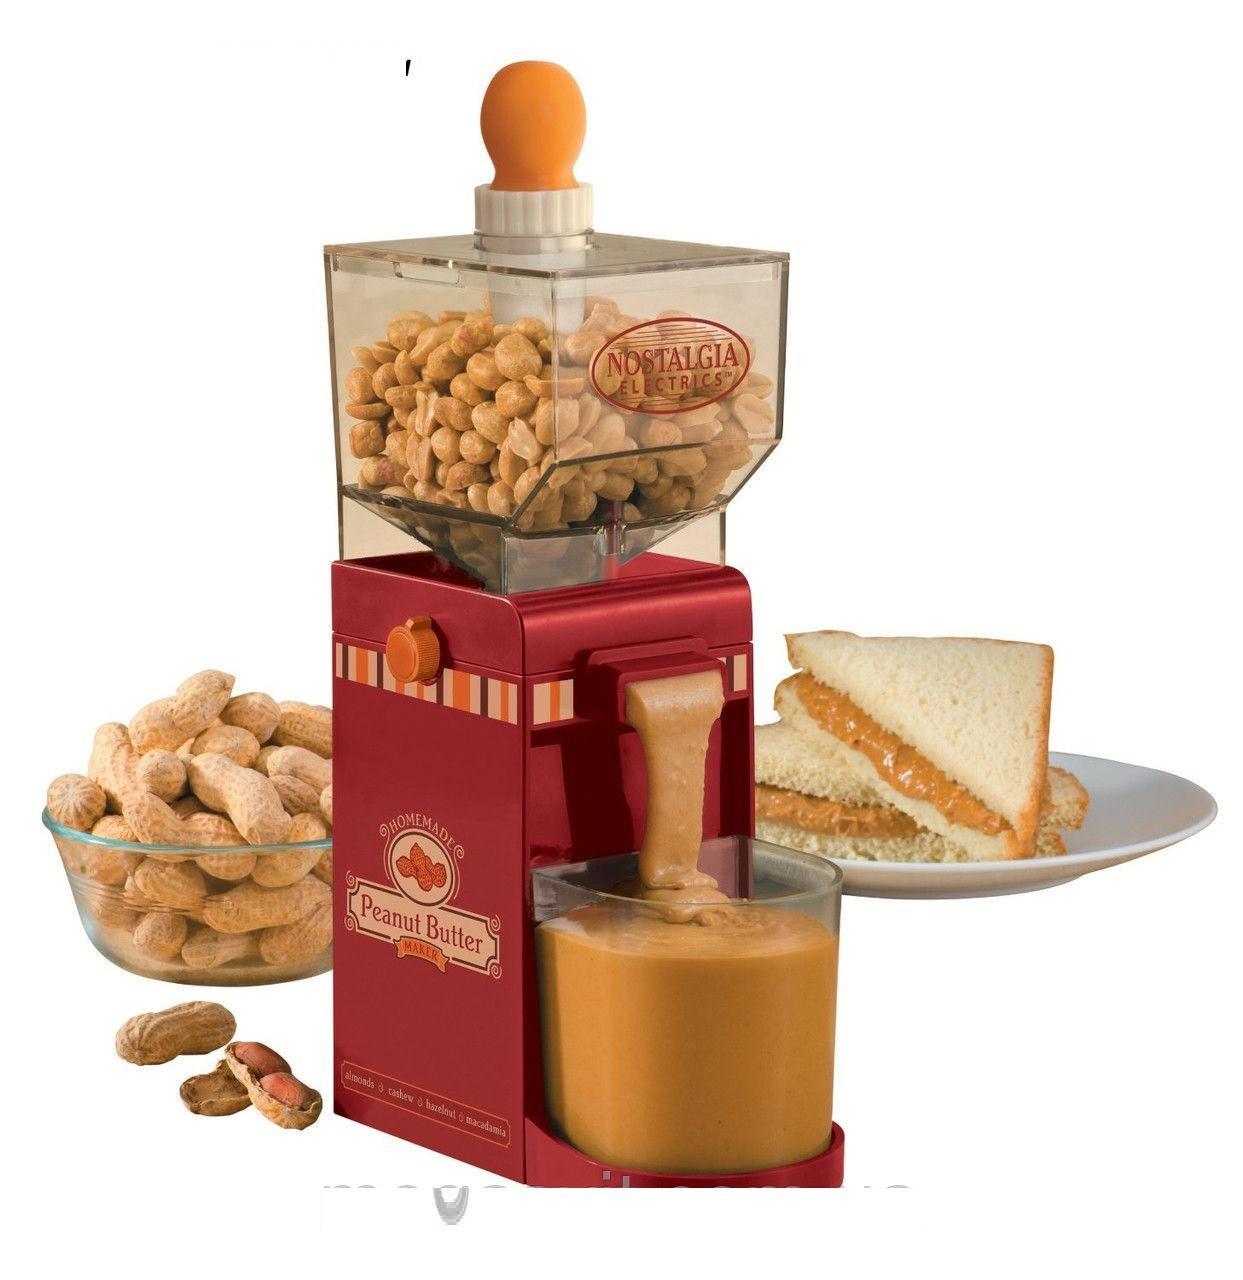 Машинка для приготовления арахисового масла Peanut Butter Maker, аппарат для измельчения орехов